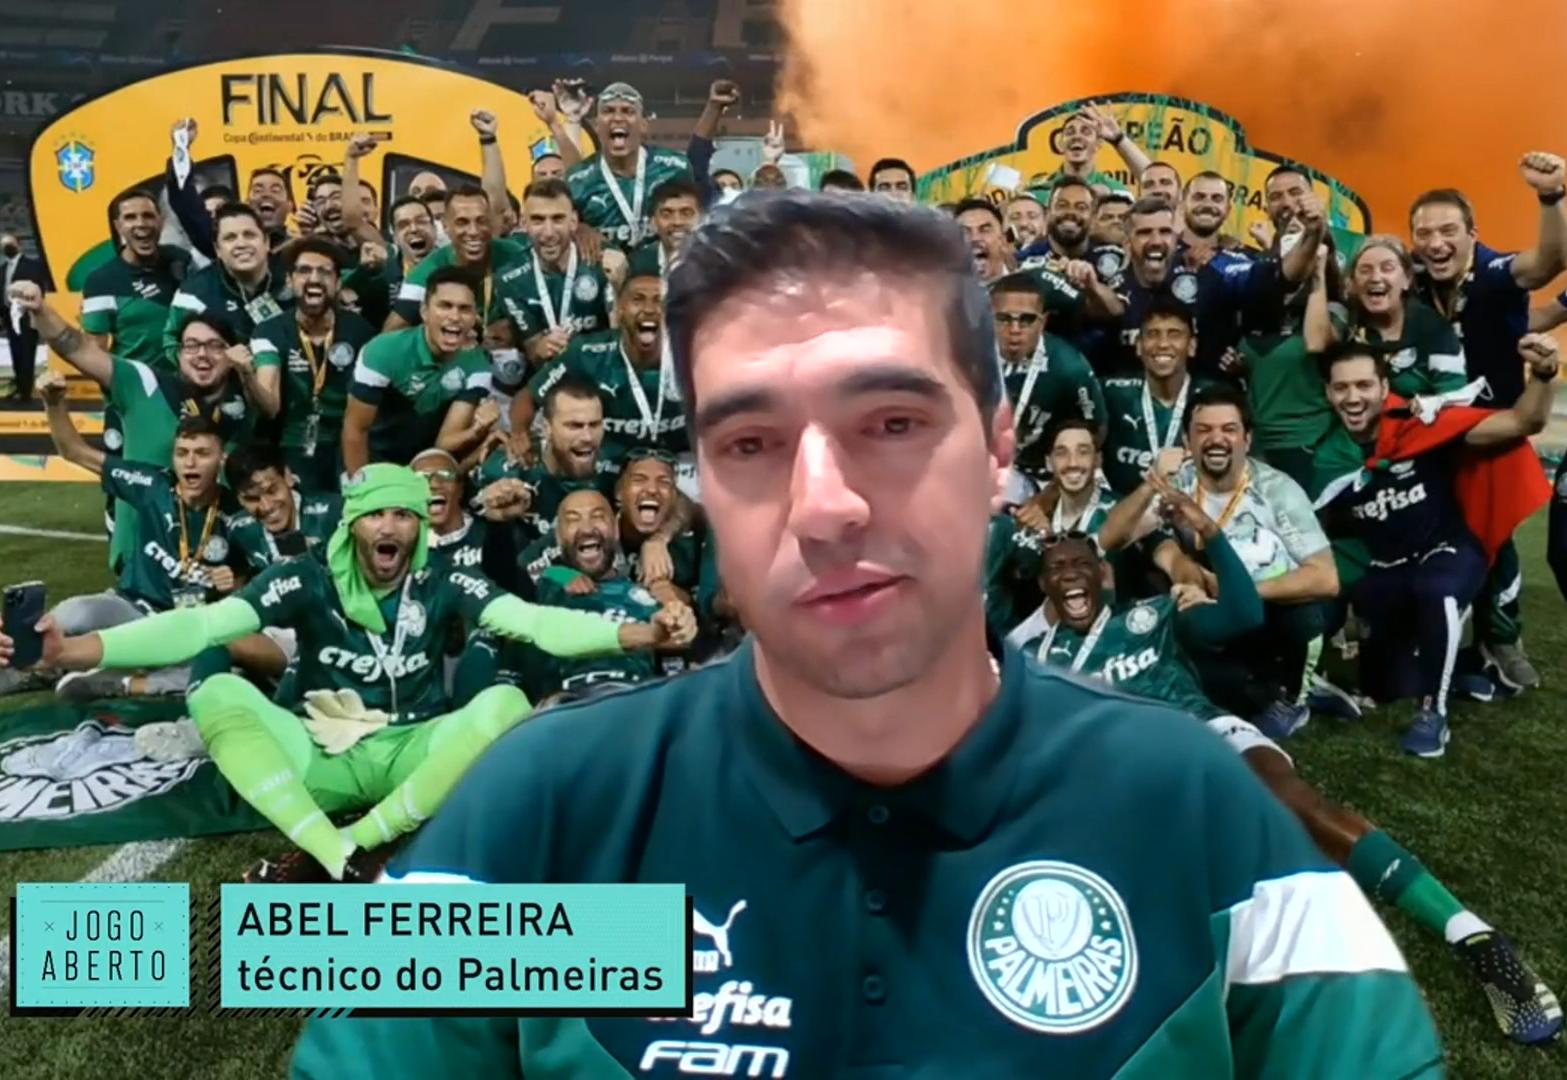 Treinador português não vê a hora de ver a torcida no Allianz Parque